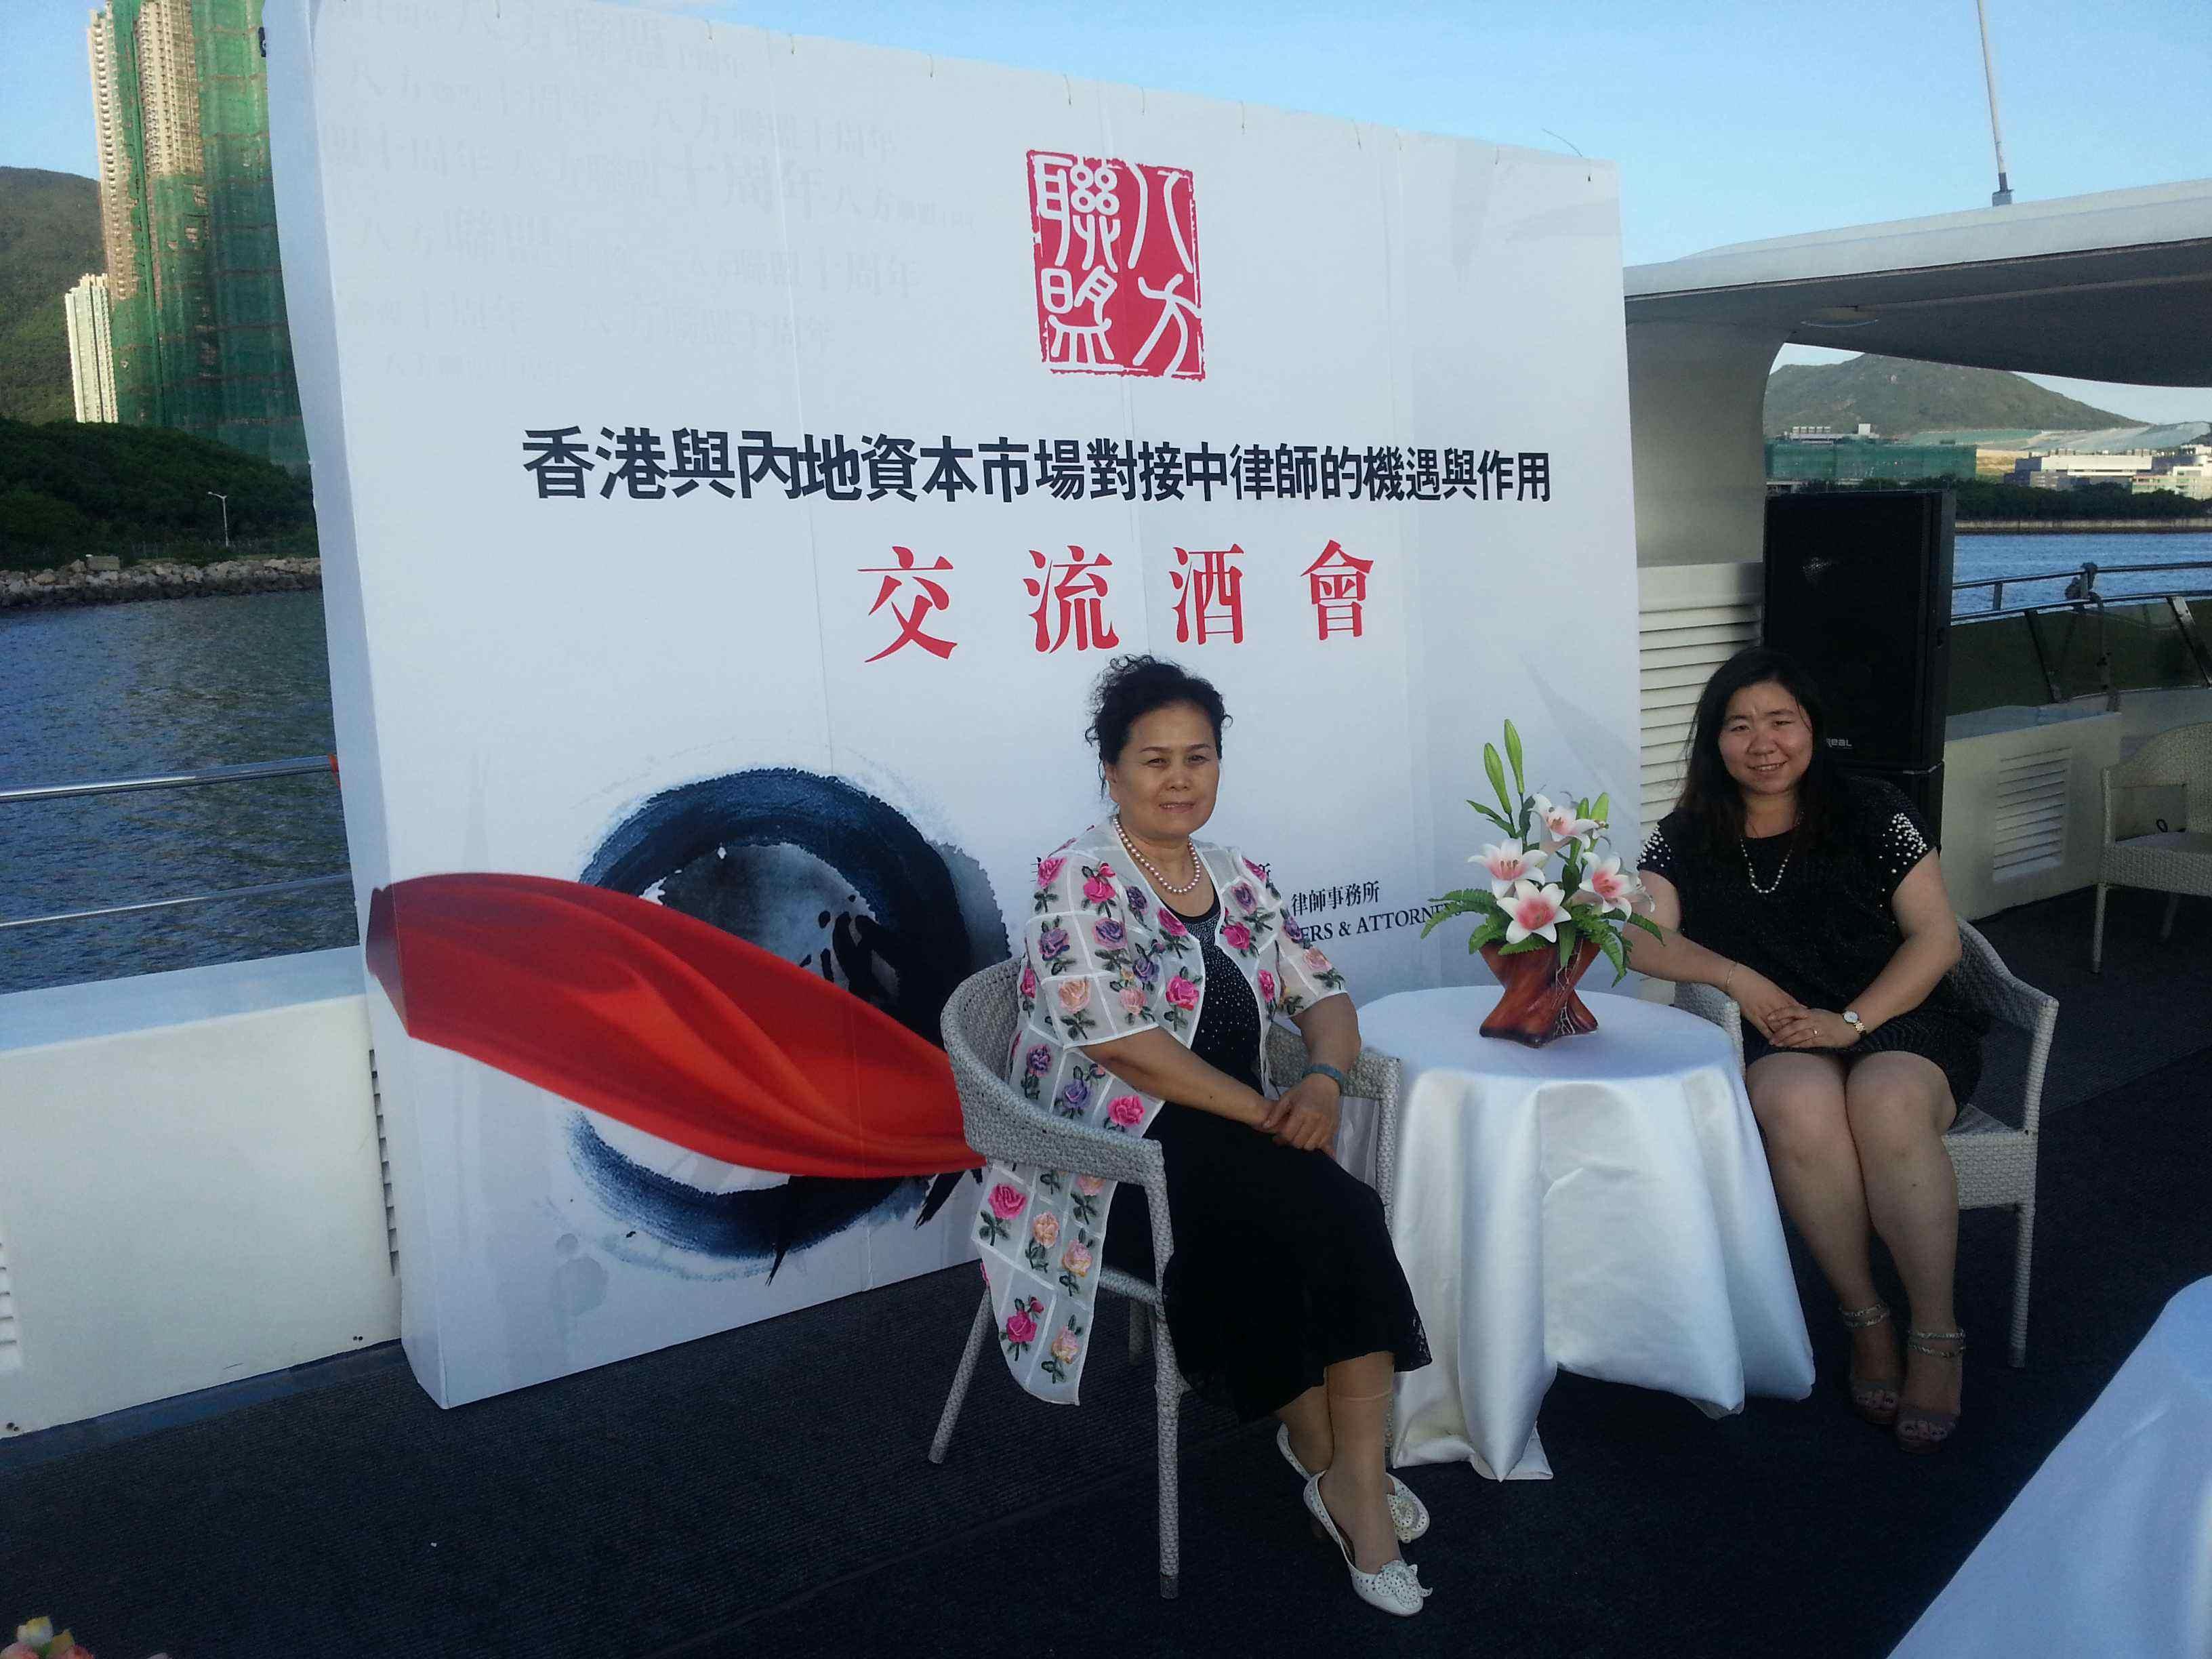 深圳市律师协会律师担任破产清算案件管理人业务指导标准